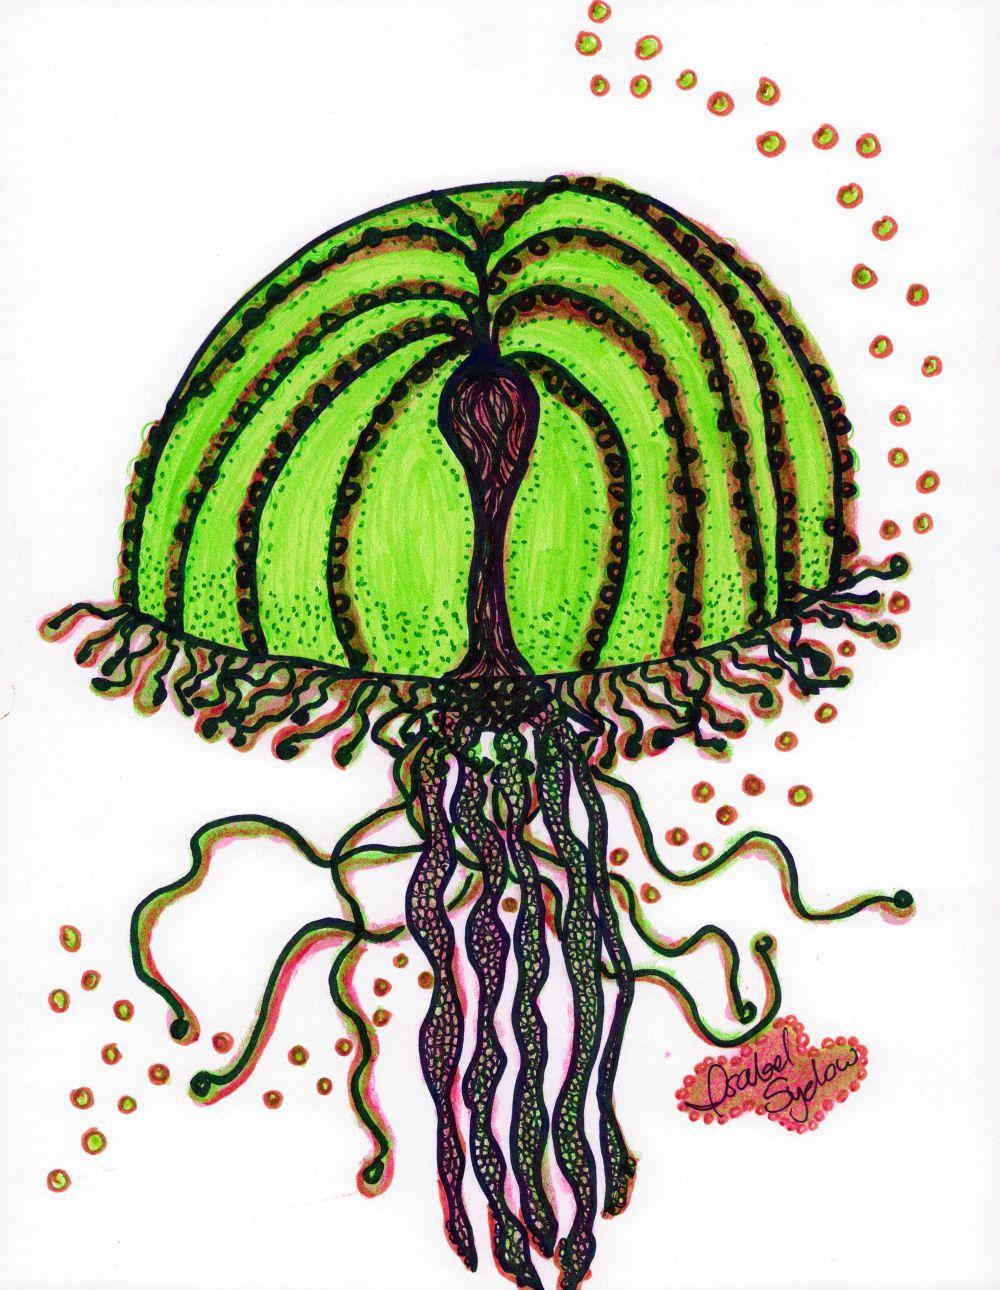 Jelly Fish Verde Sandia